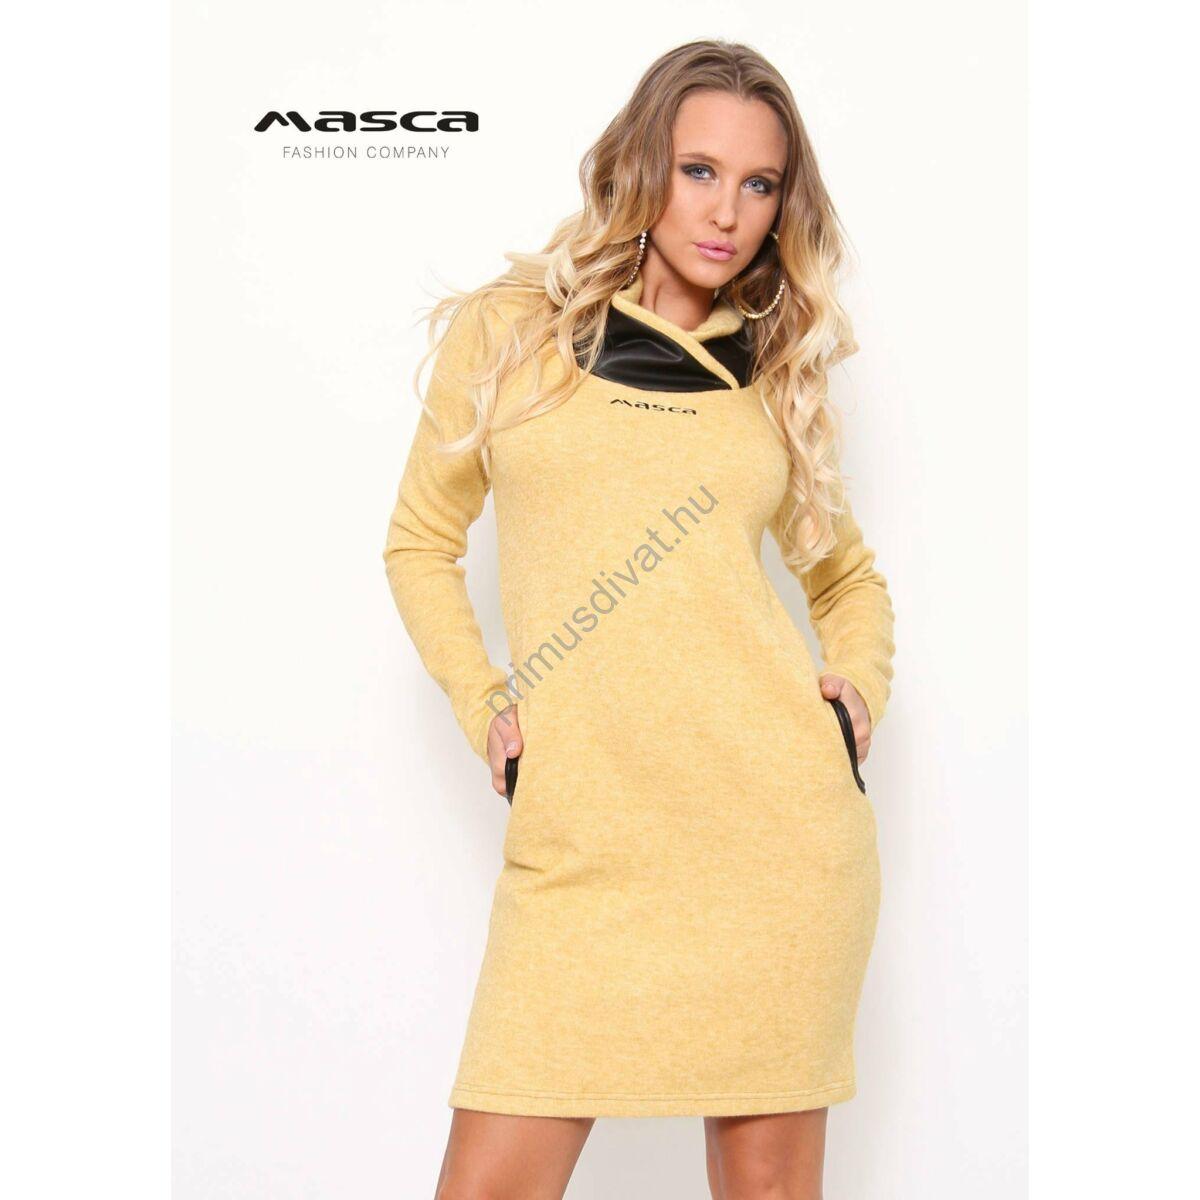 Kép 1 1 - Masca Fashion puha kötött hatású sárga-melange zsebes miniruha 883e502cab